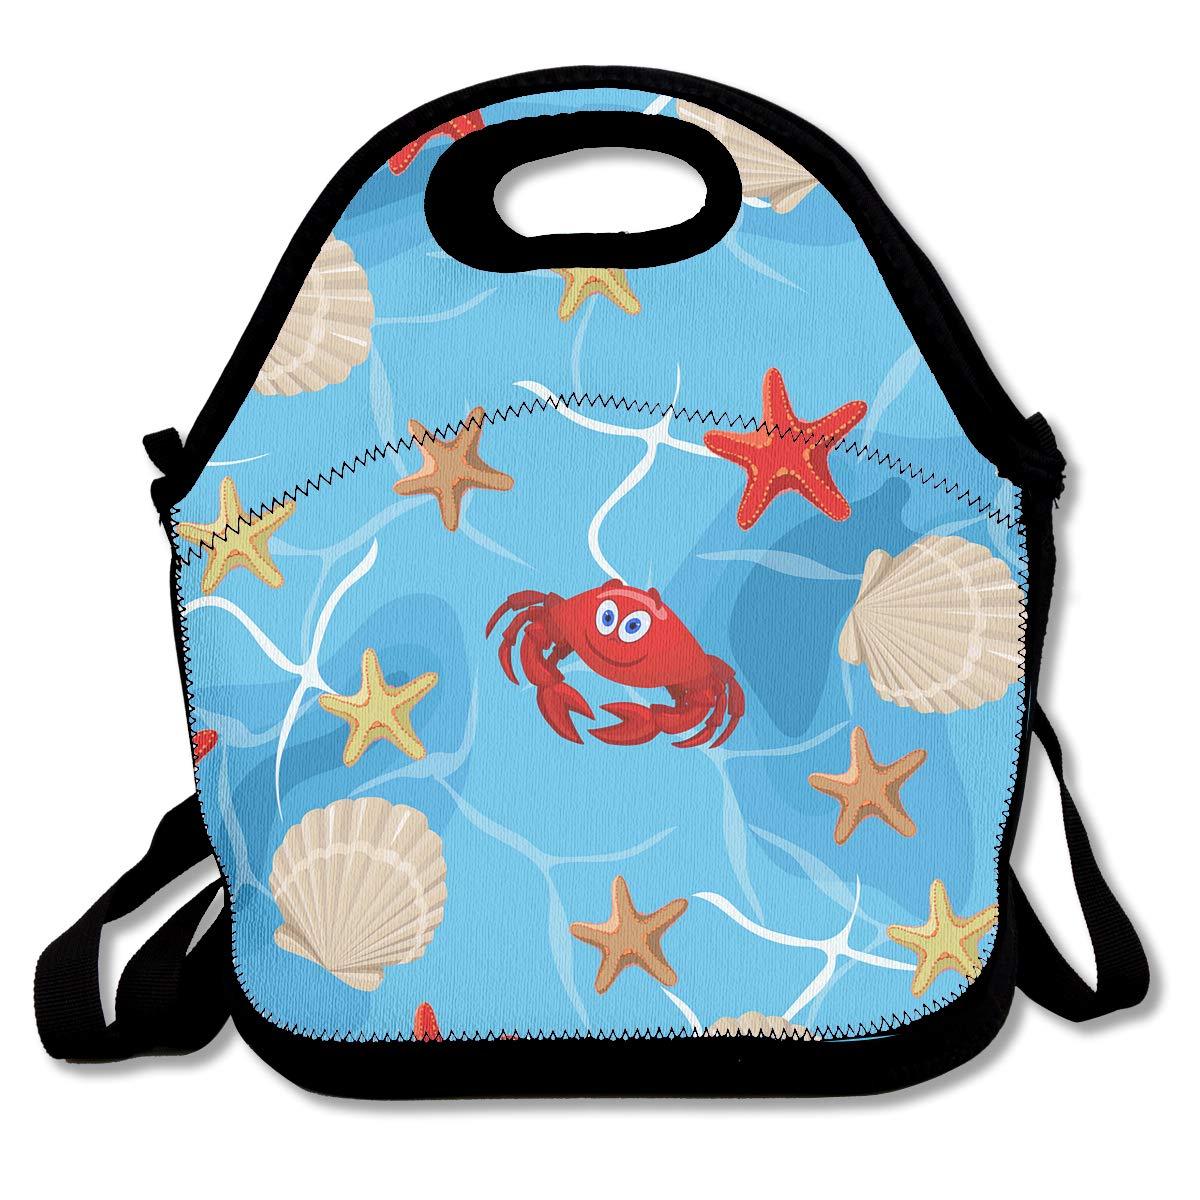 e3e132efa903 Amazon.com: Crabs on the Sea Bottom Lunch Bag Lunch Organizer Tote ...